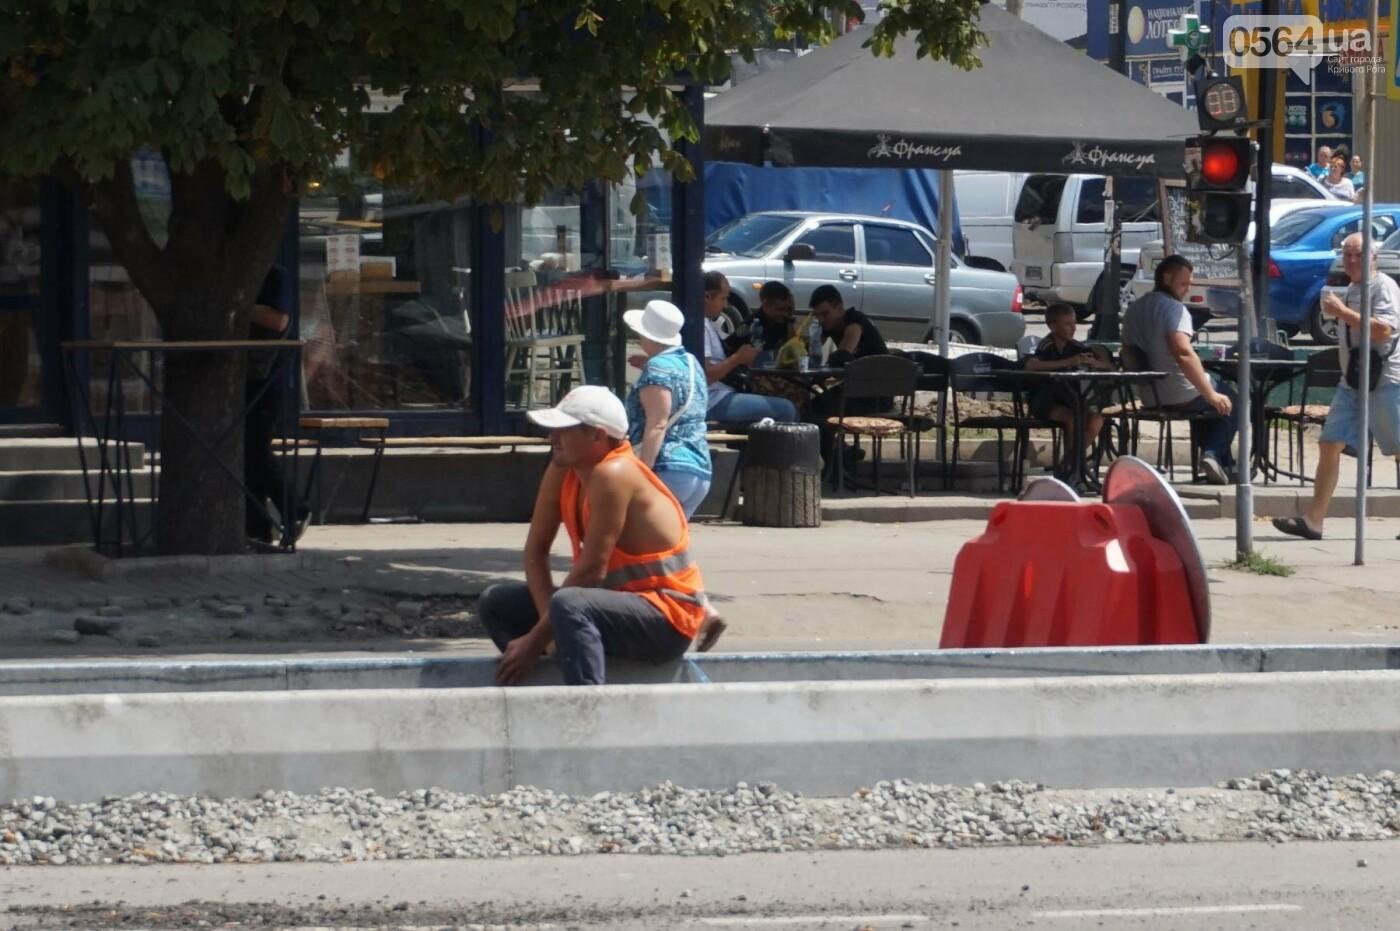 С сегодняшнего дня на центральном проспекте Кривого Рога отменены 3 остановки и запрещена парковка, - ФОТО, фото-12